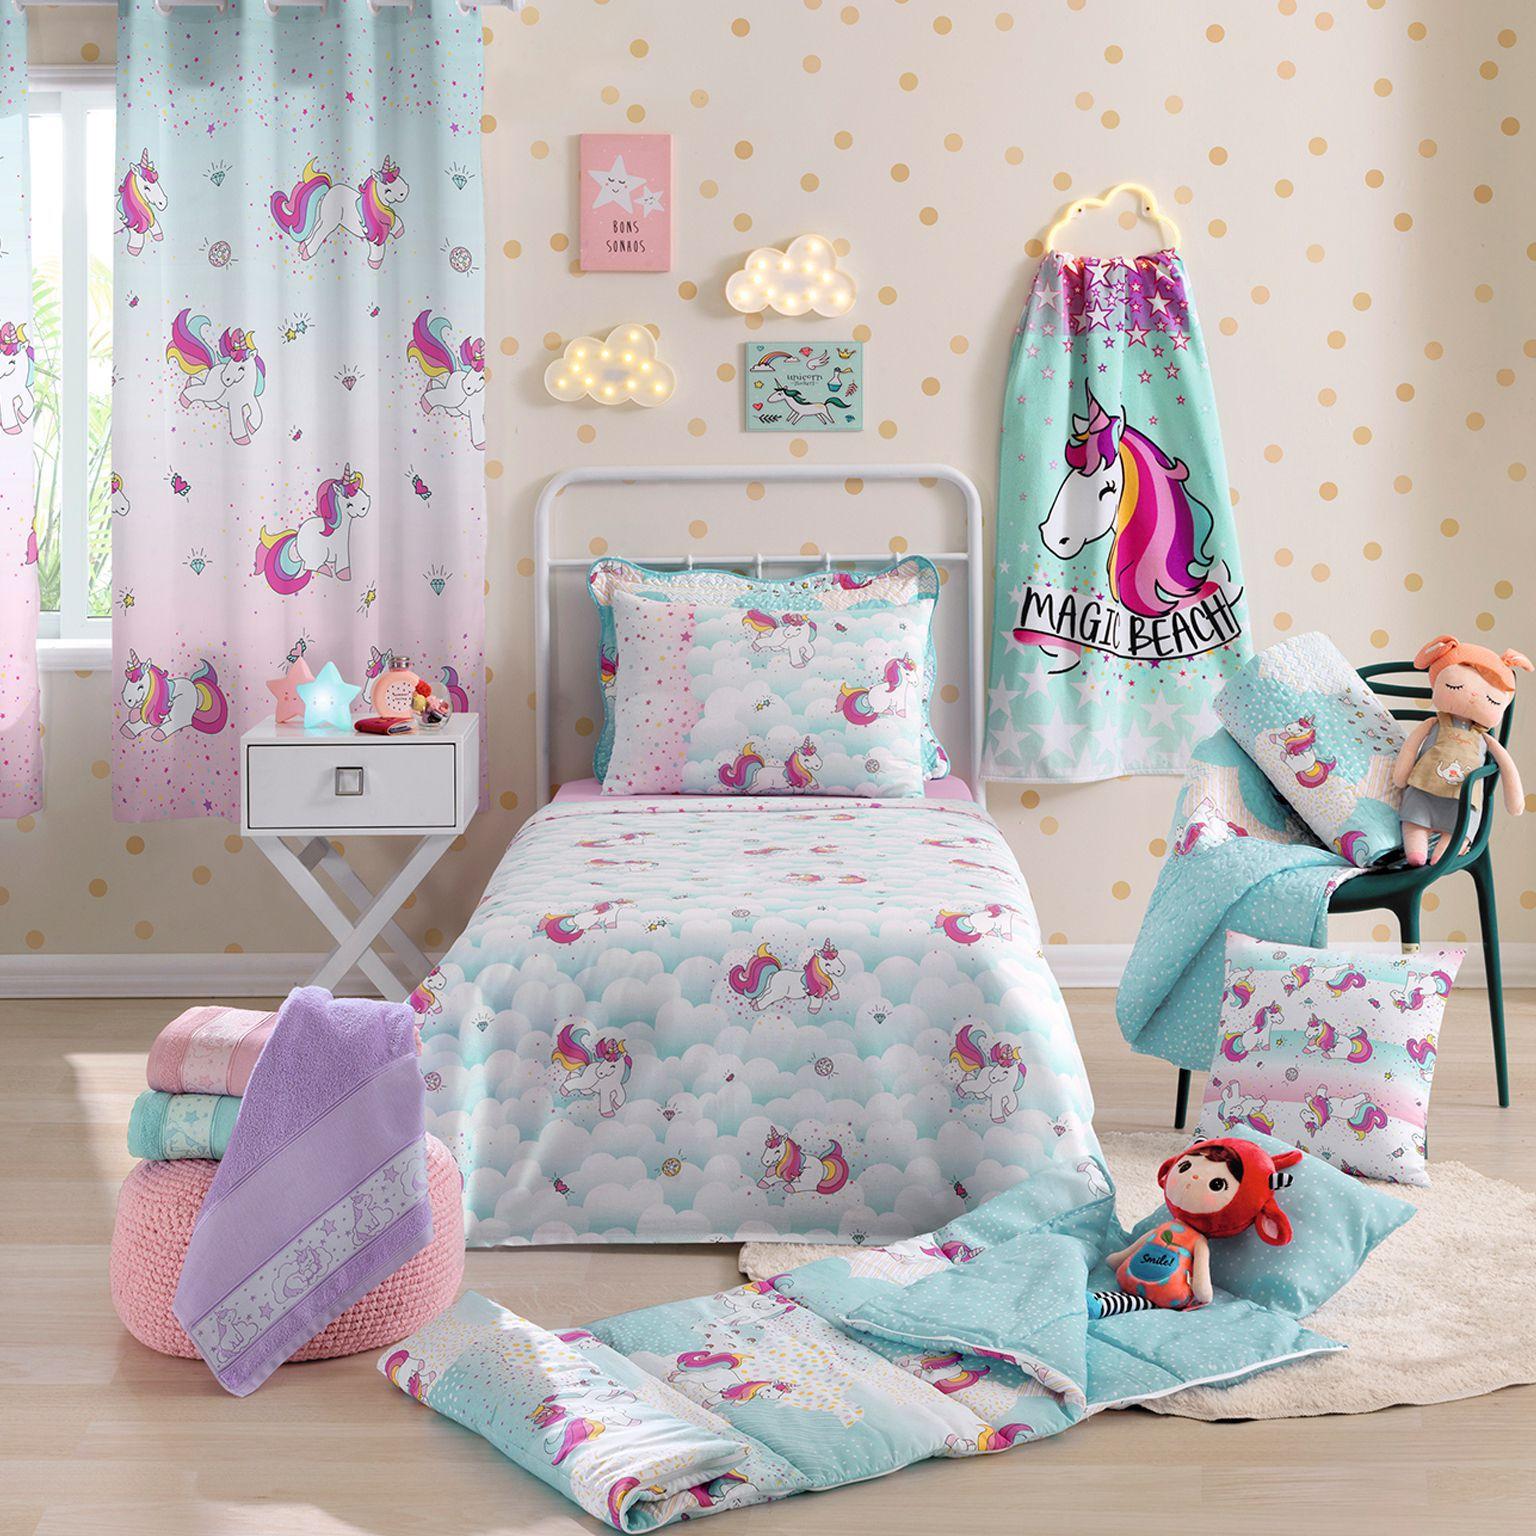 Jogo de cama solteiro infantil Royal Magic 100% algodão estampado - Santista